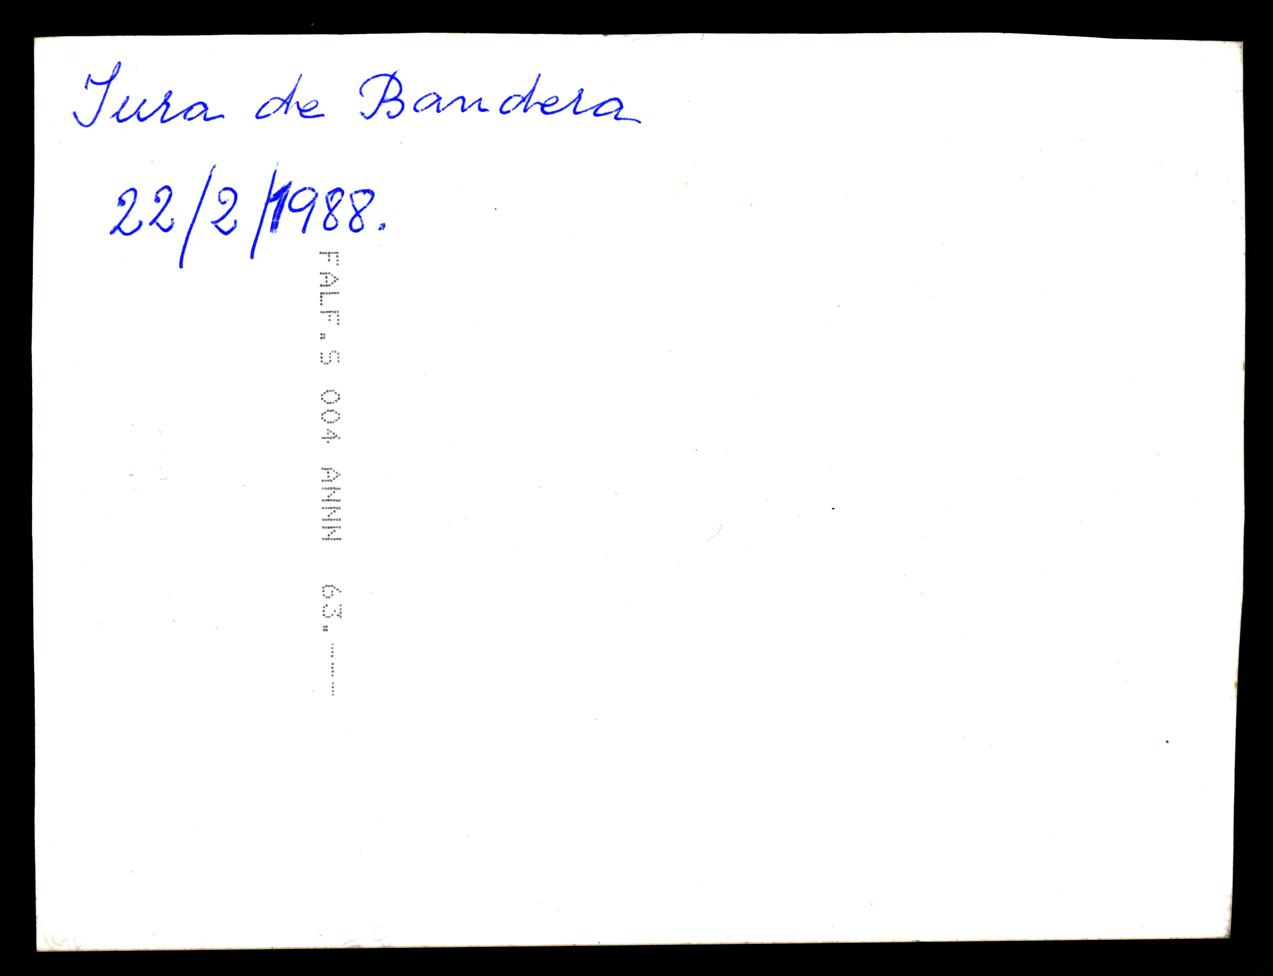 Antonio Contreras renovando su juramento a la Bandera